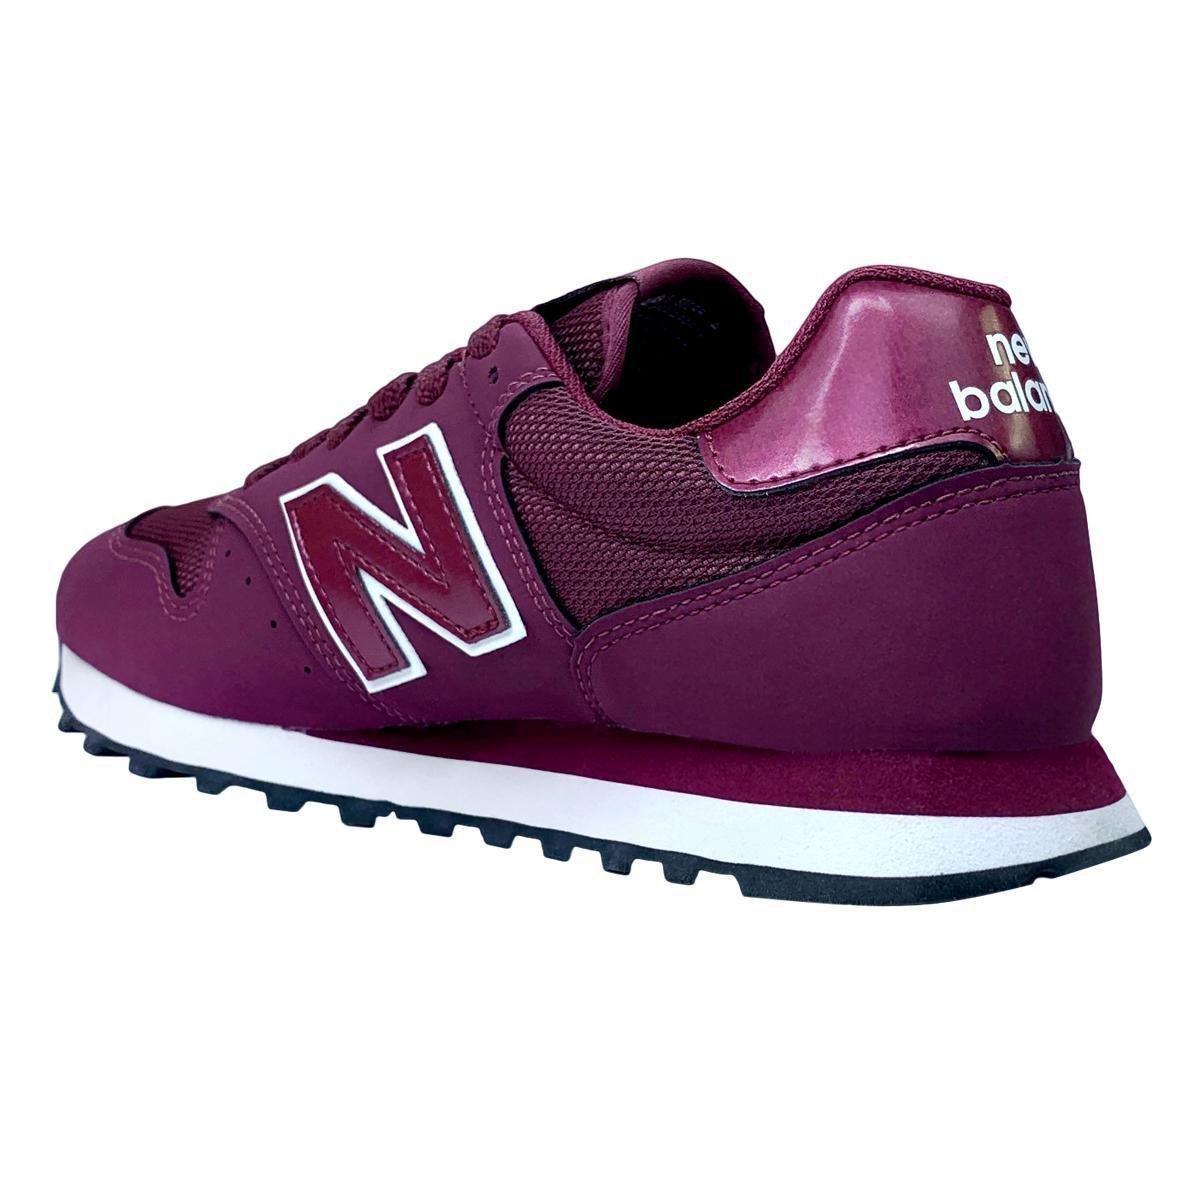 Tenis New Balance 500 Retro Running Feminino Vinho Netshoes